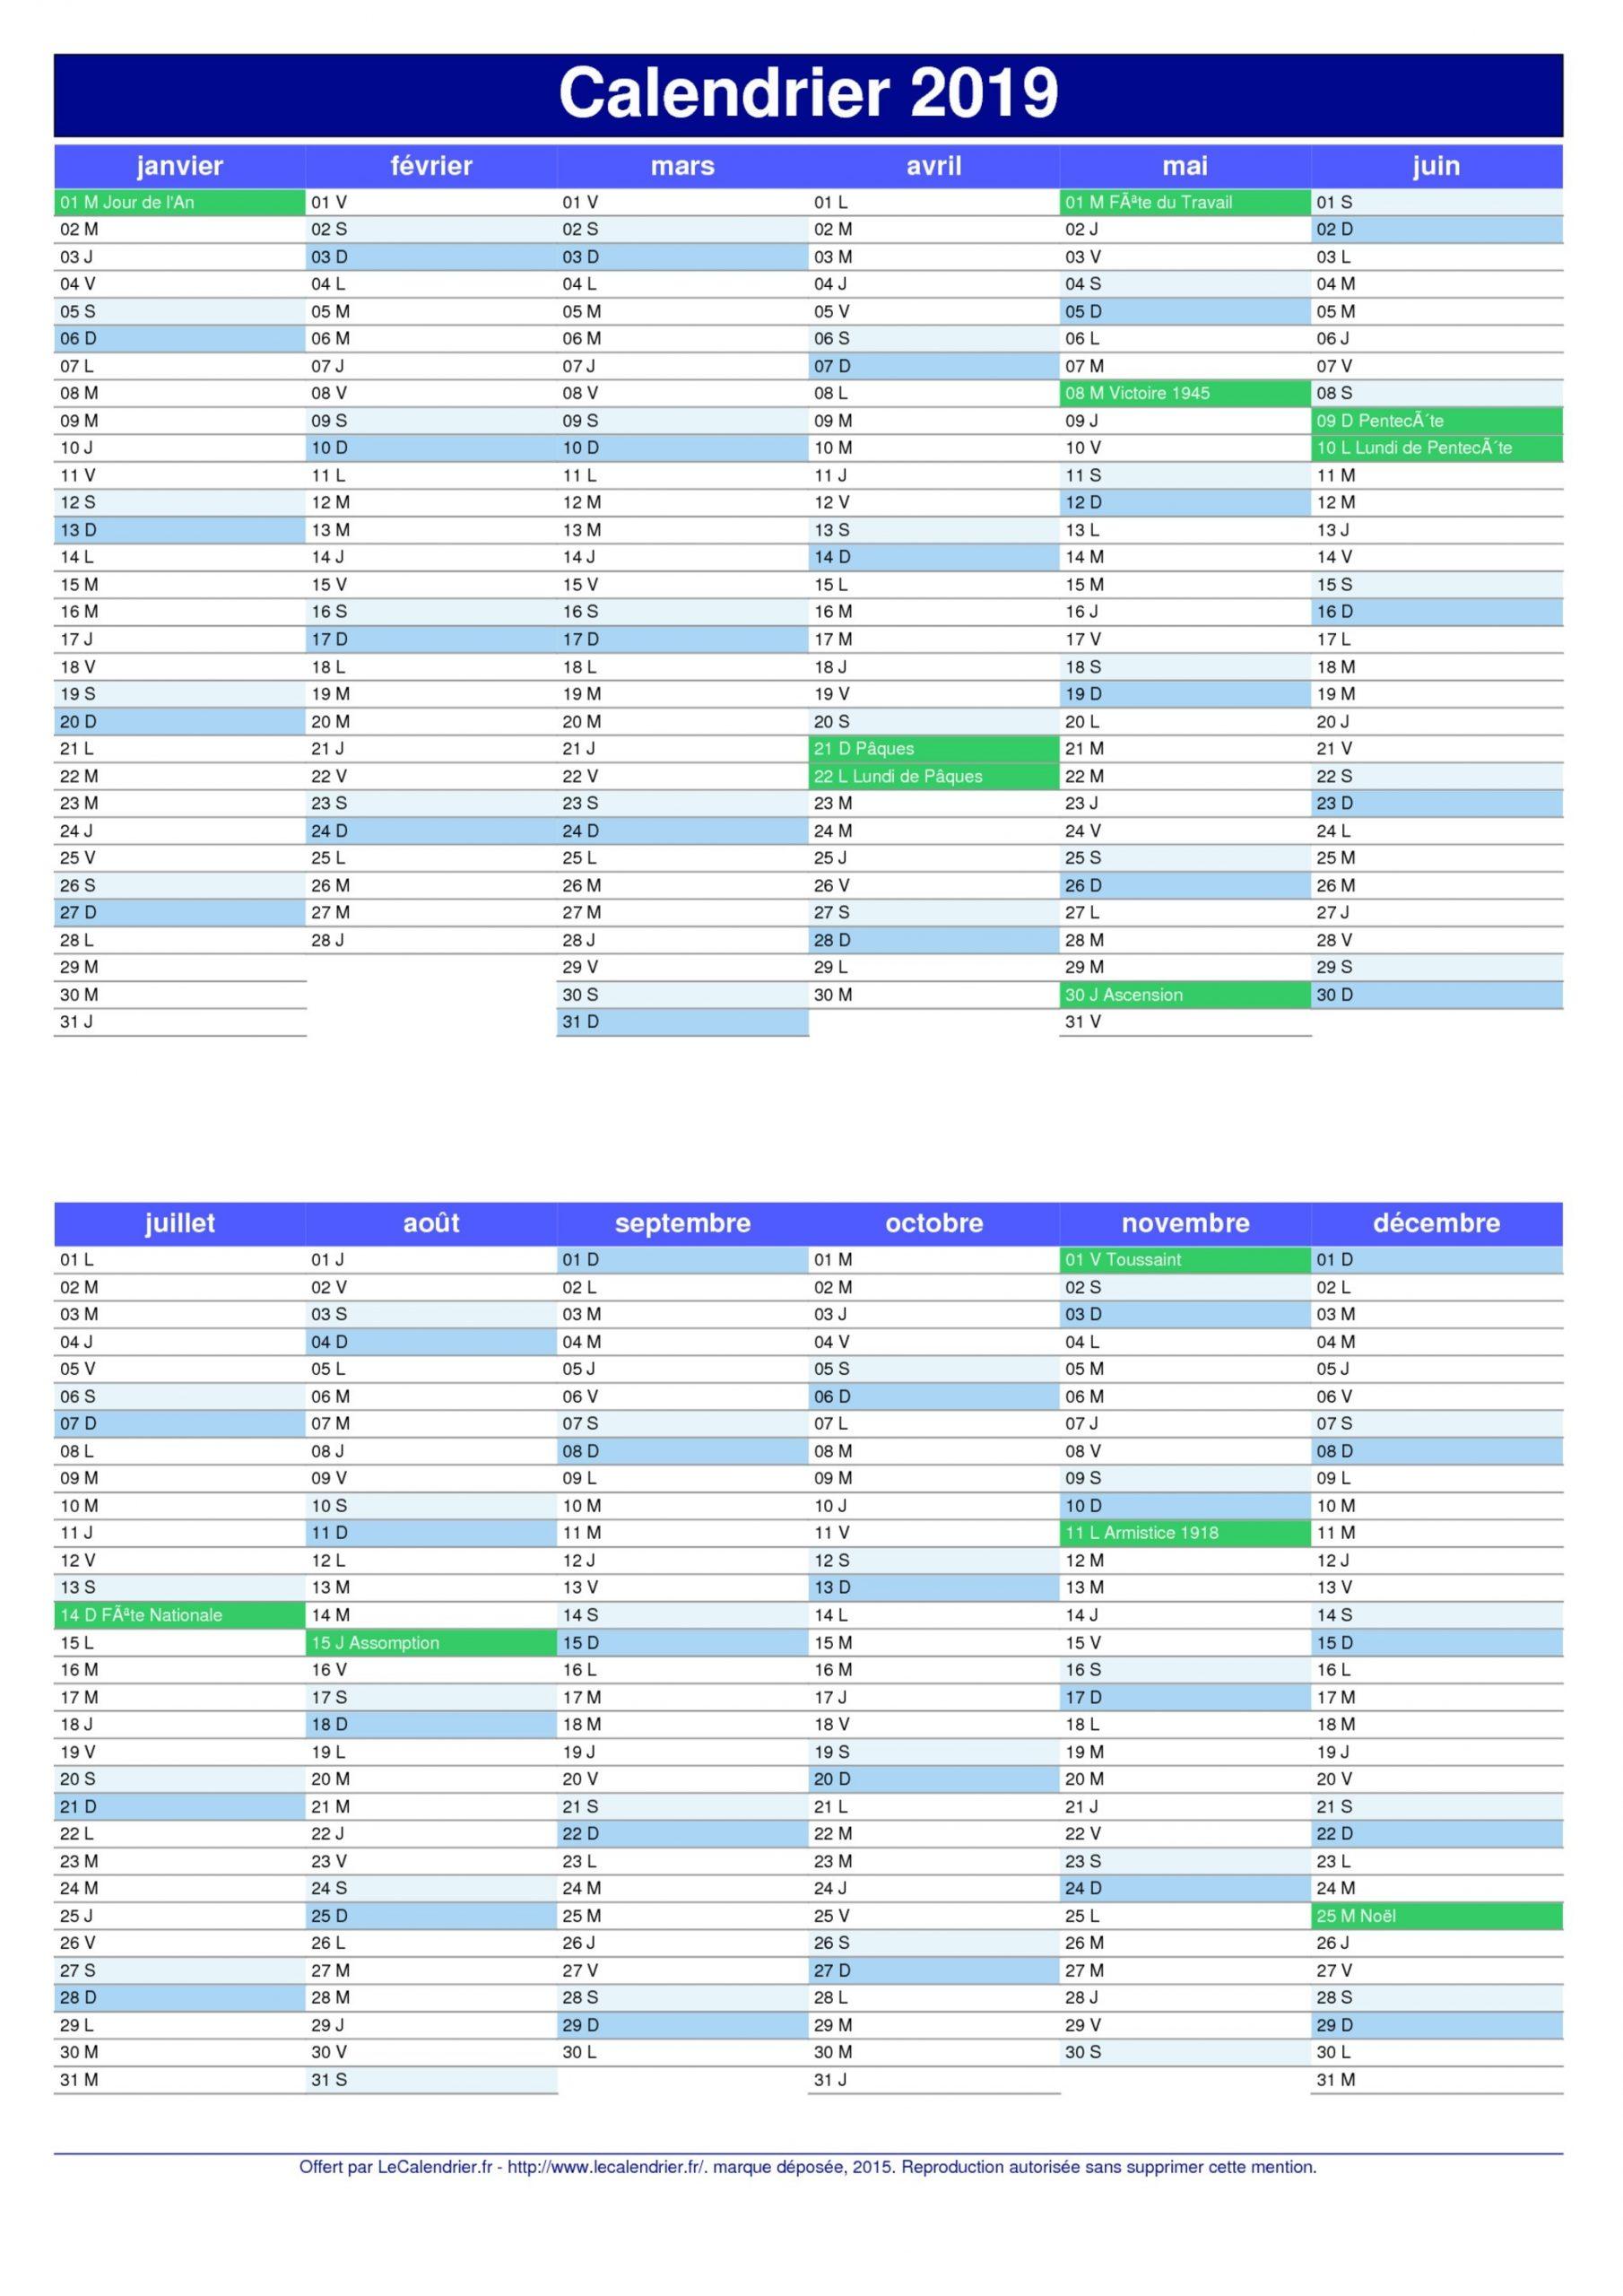 Imprimer Calendrier 2019 | 2019 Calendar Printable 2018 serapportantà Calendrier 2019 Avec Jours Fériés Vacances Scolaires À Imprimer